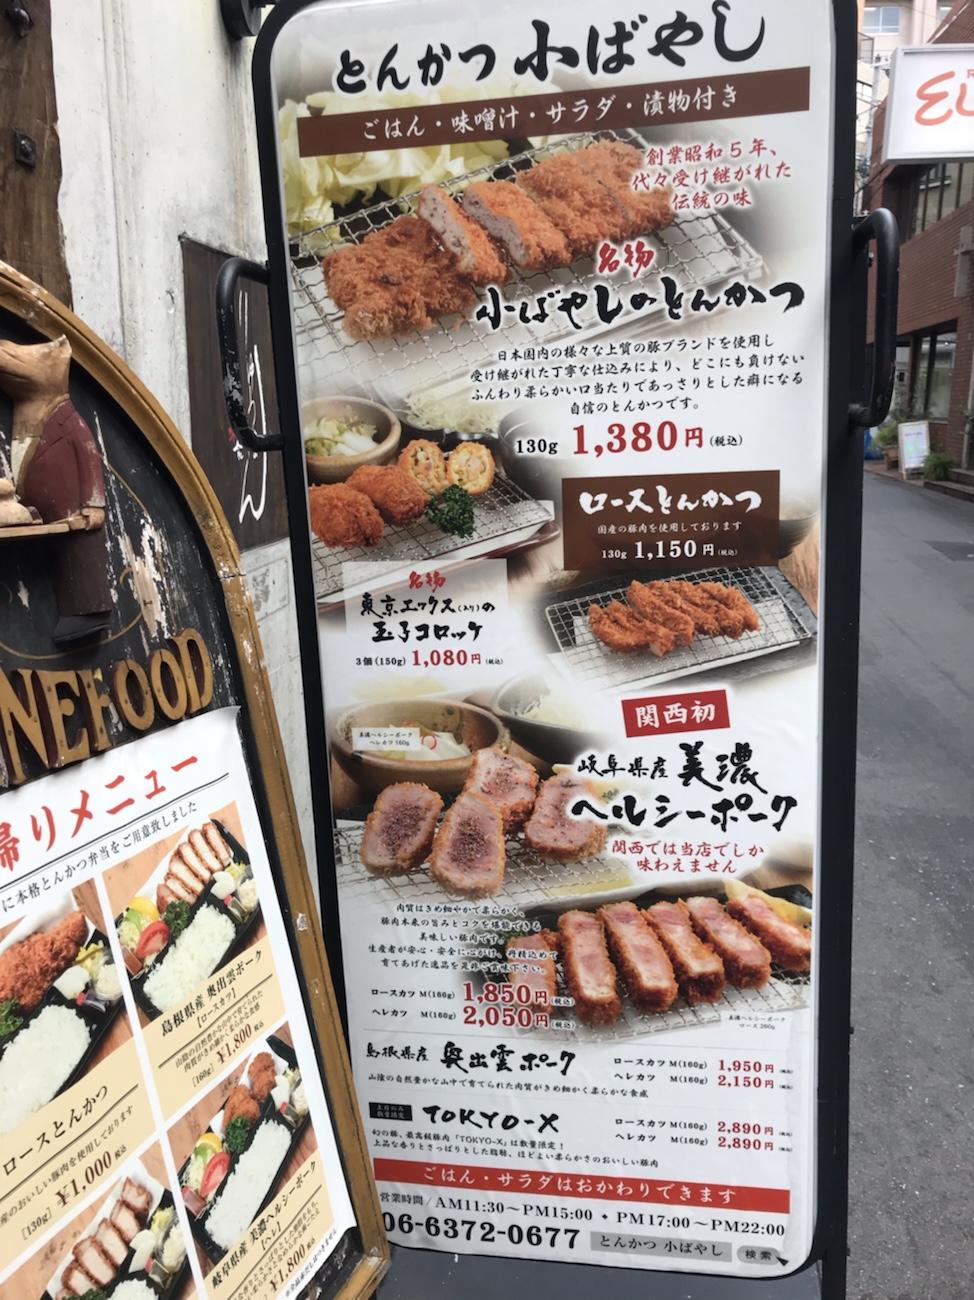 とんかつ小ばやし 大阪駅 梅田駅美味しいとんかつこばやしメニュー